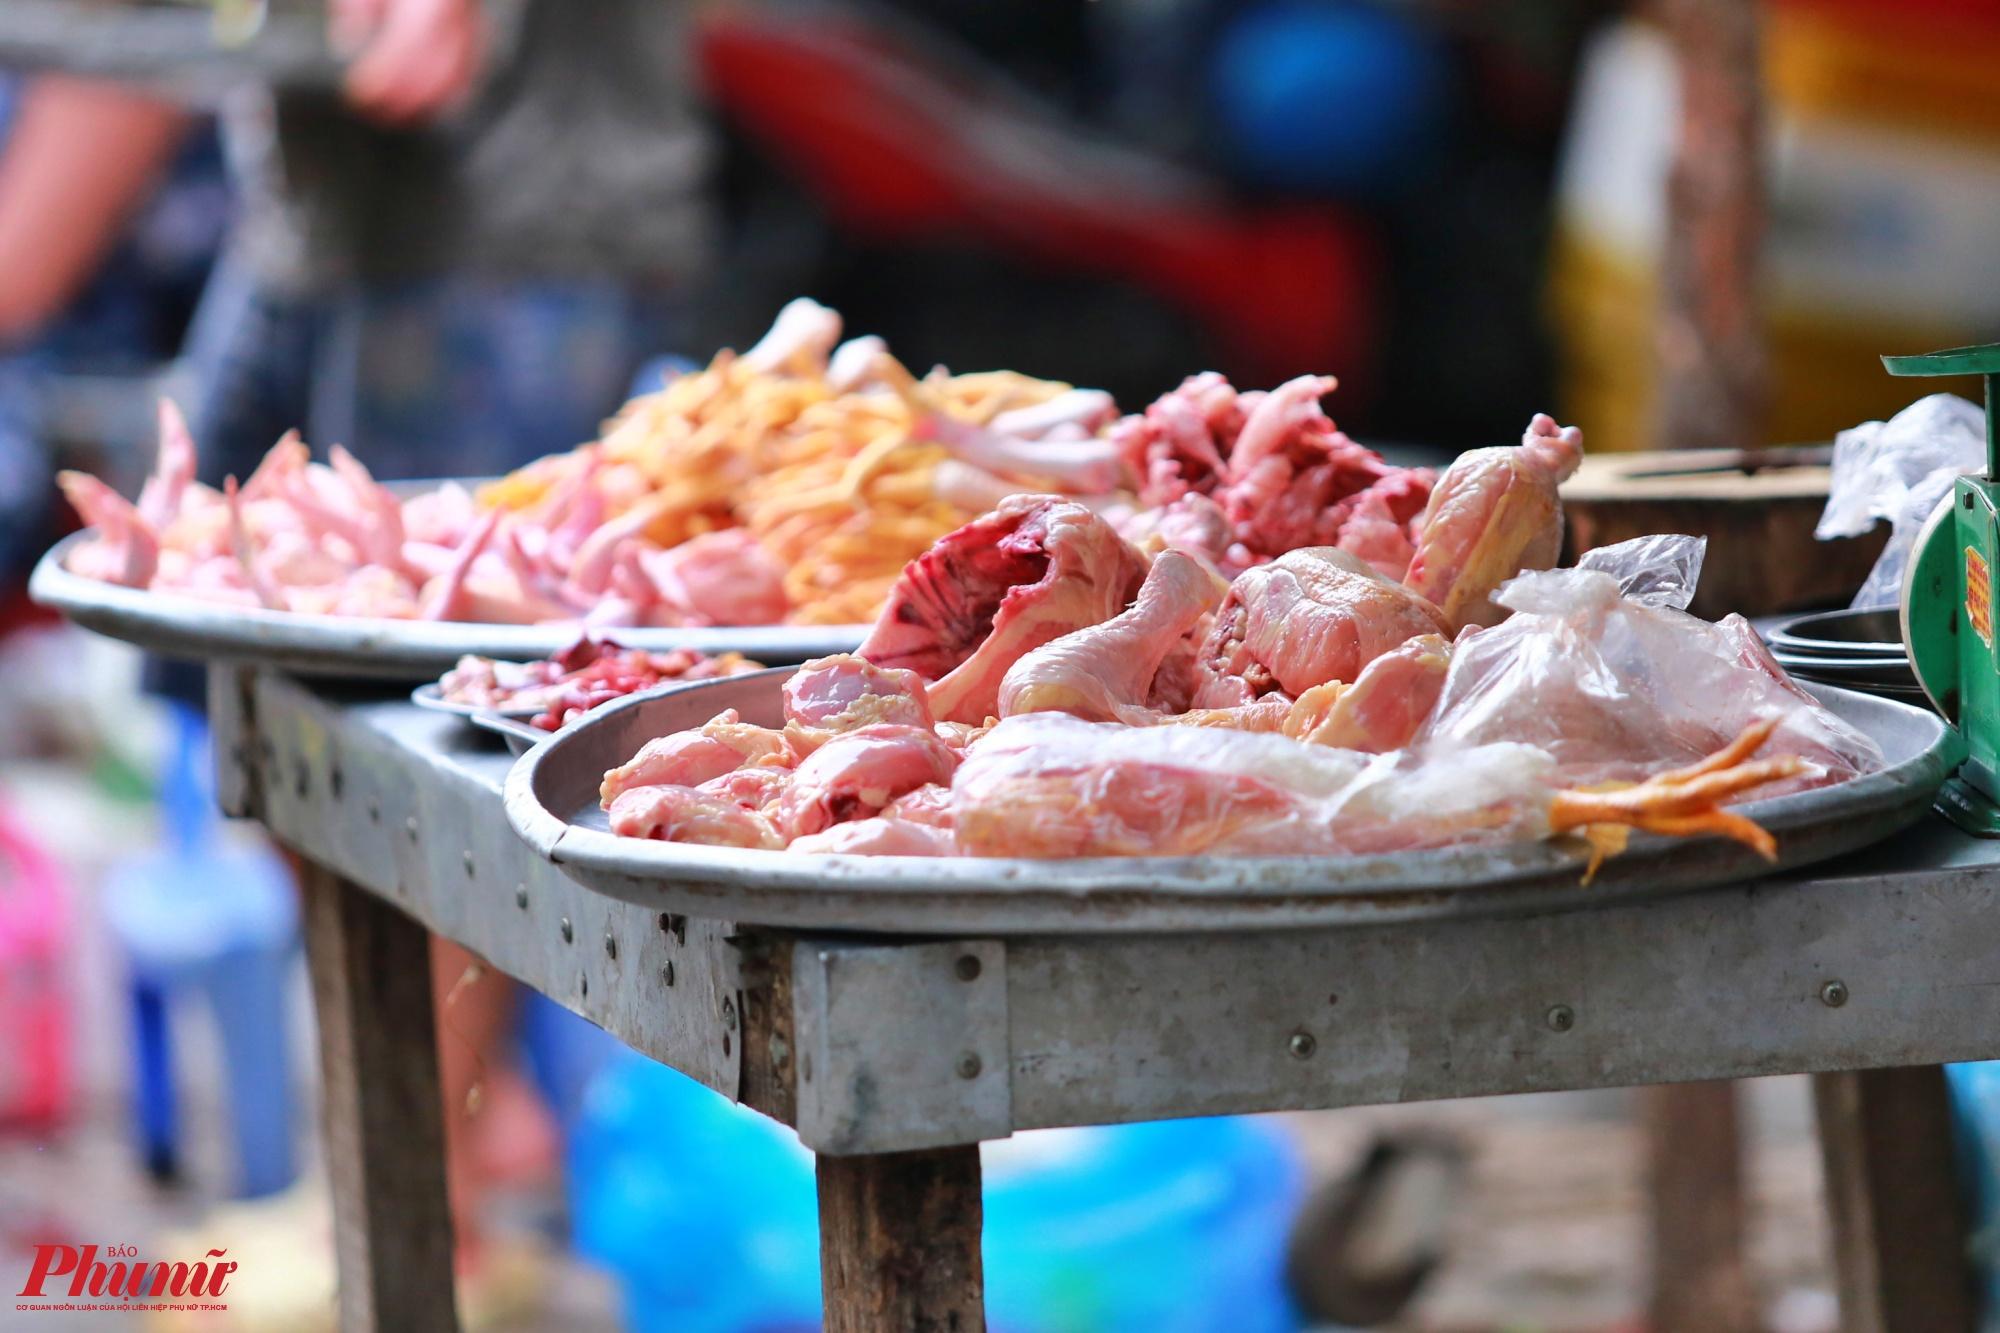 Trong khi đó, khu chợ trên đường Phạm Văn Bạch, phường 12, quận Gò Vấp gà làm sẵn cũng bày bán tại chỗ mà không che đậy, gây mất an toàn vệ sinh thực phẩm